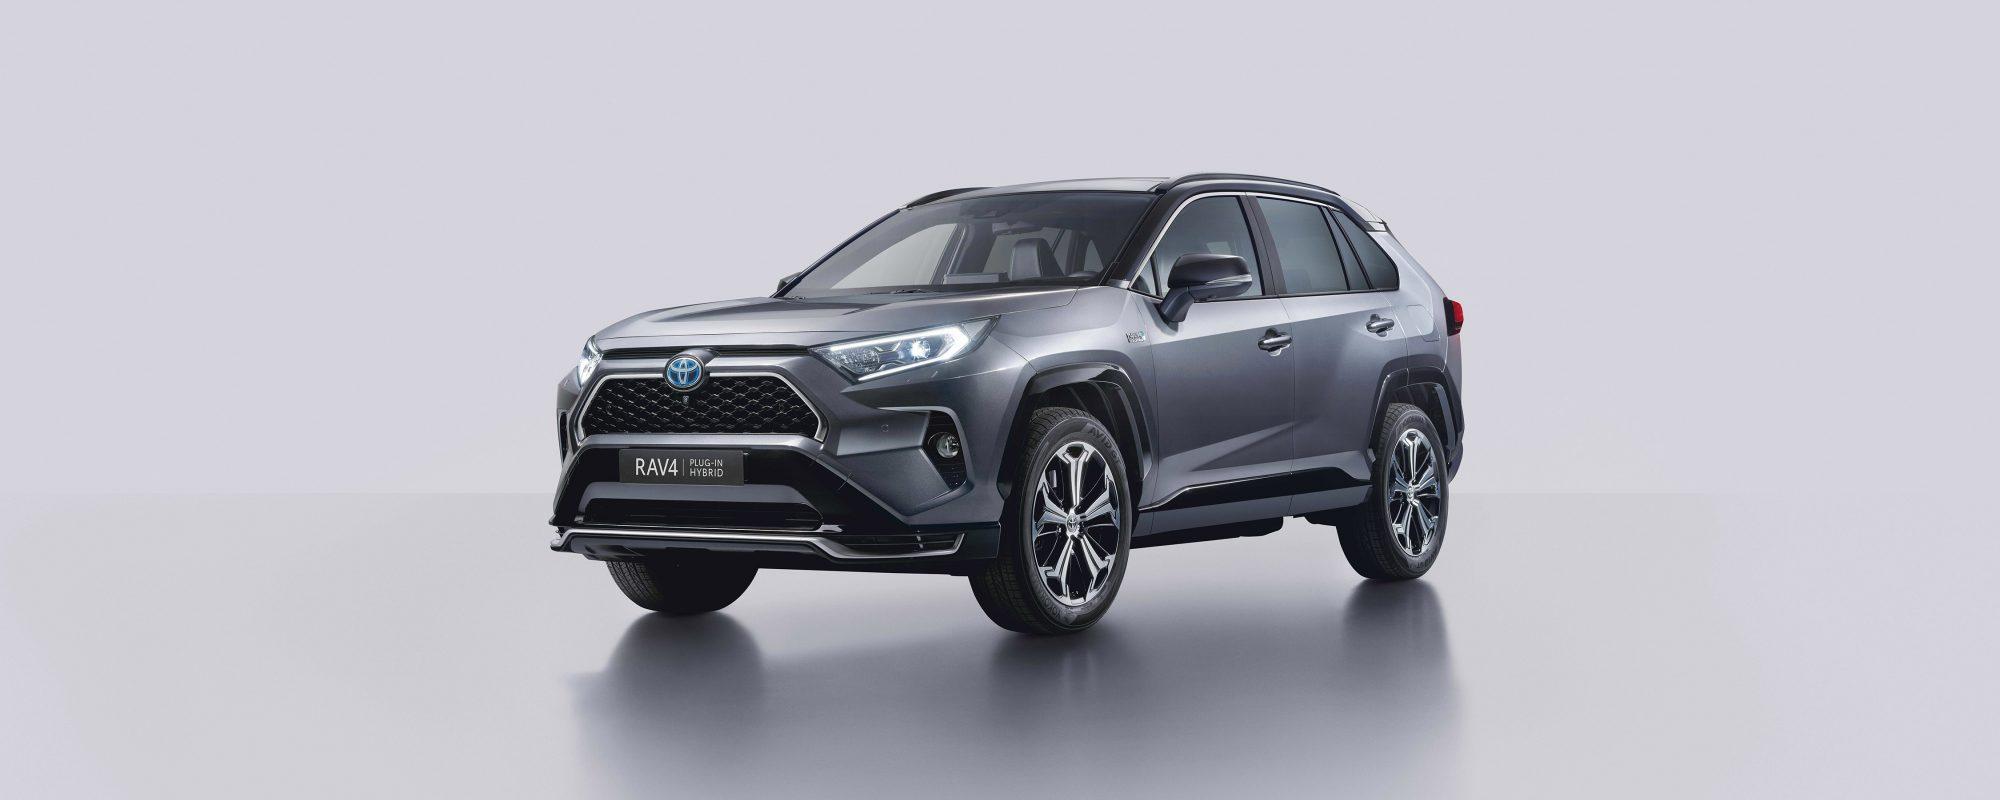 Nieuw hybride topmodel van Toyota: de RAV4 Plug-in Hybrid